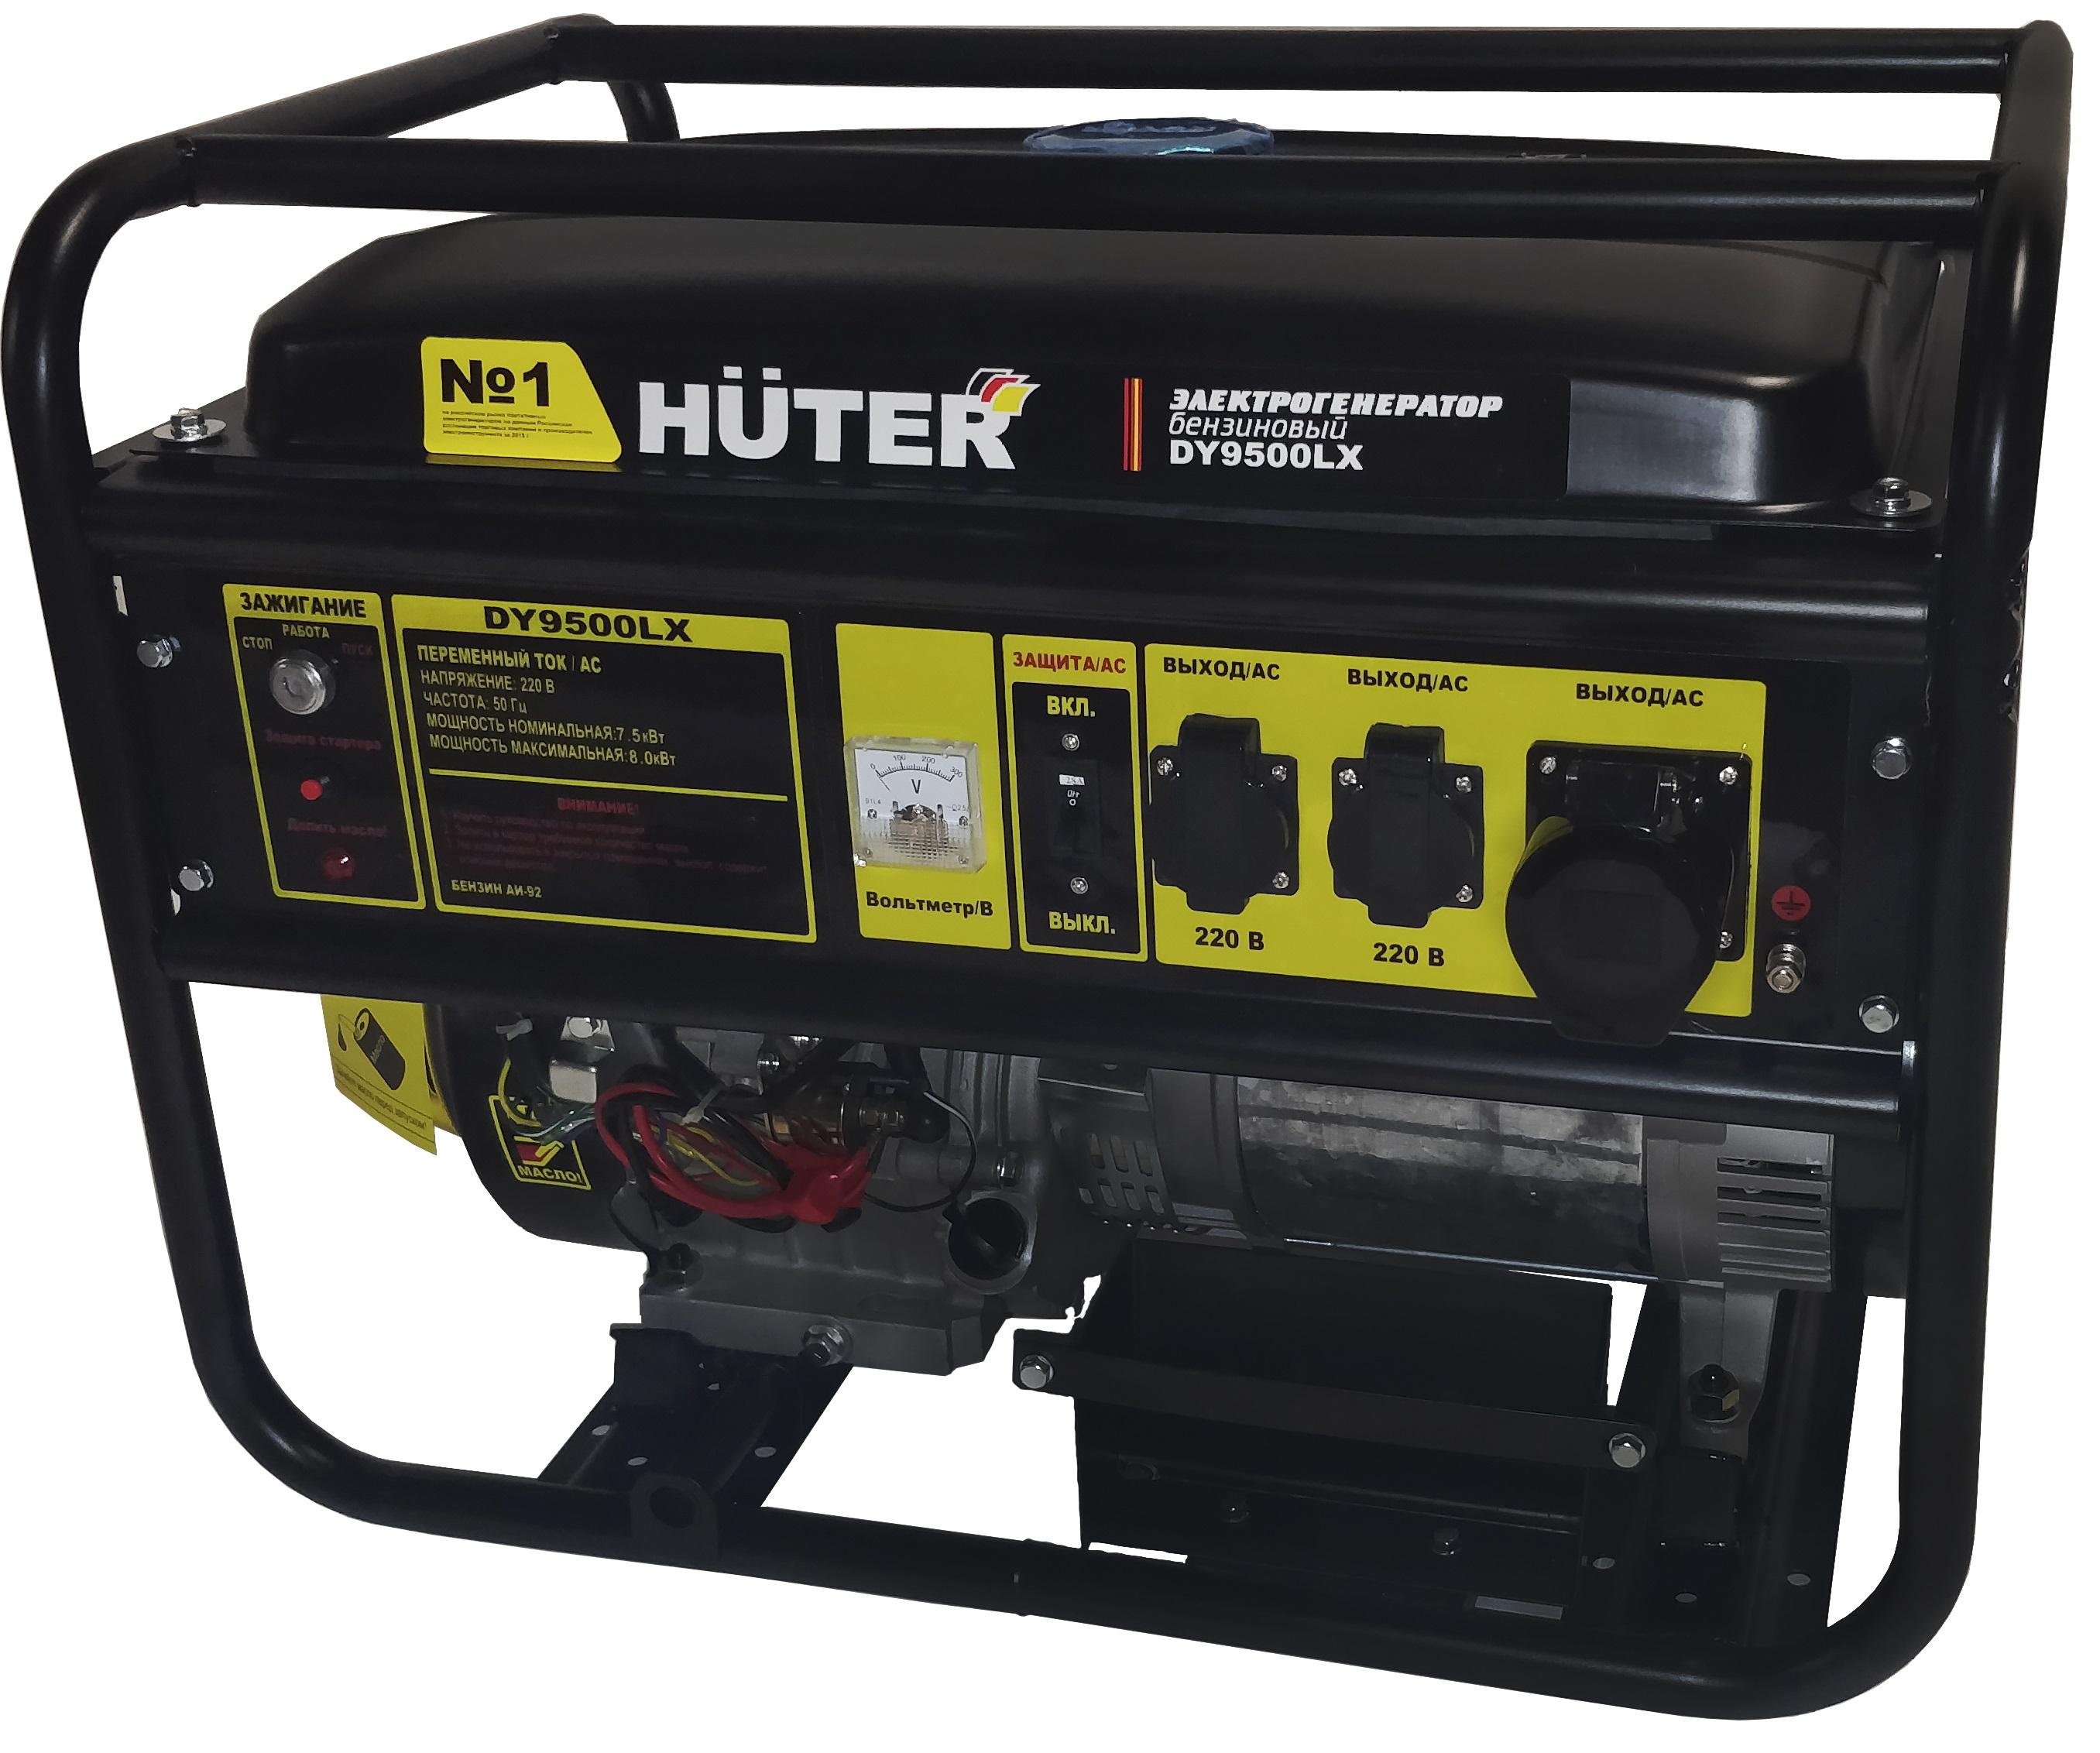 Внешний вид Huter DY 9500 LX